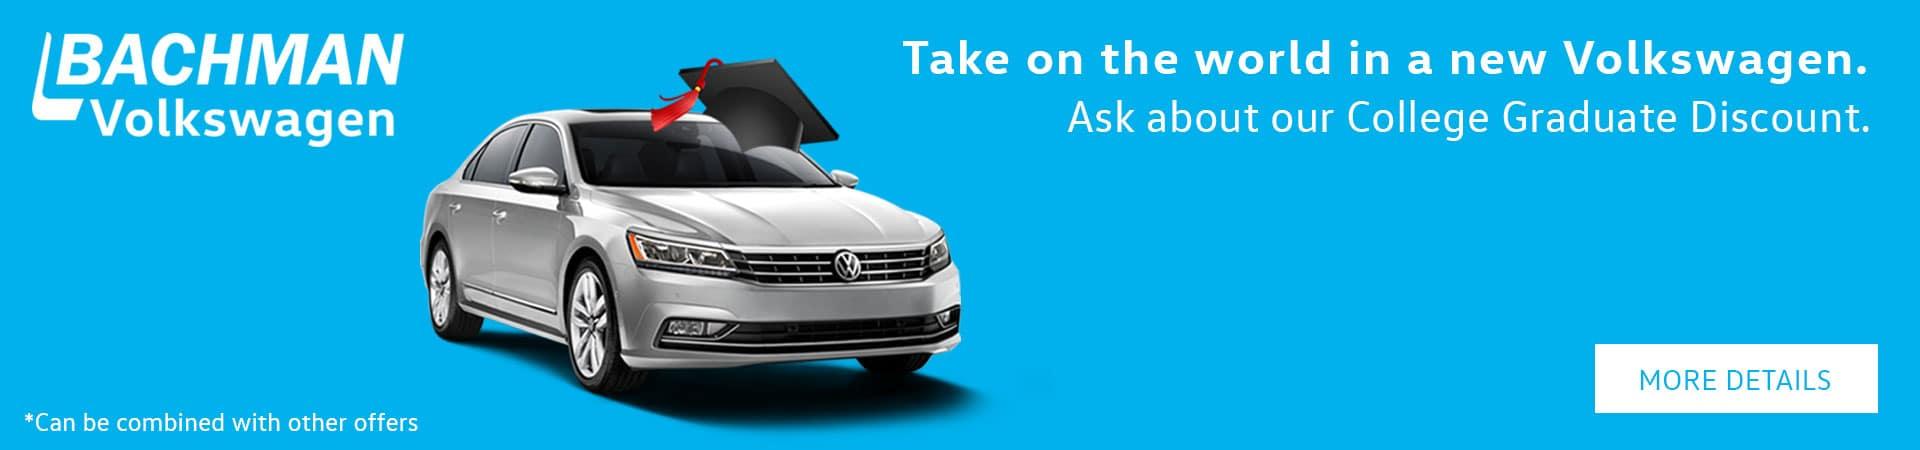 Bachman Volkswagen | Volkswagen Dealer in Louisville, KY